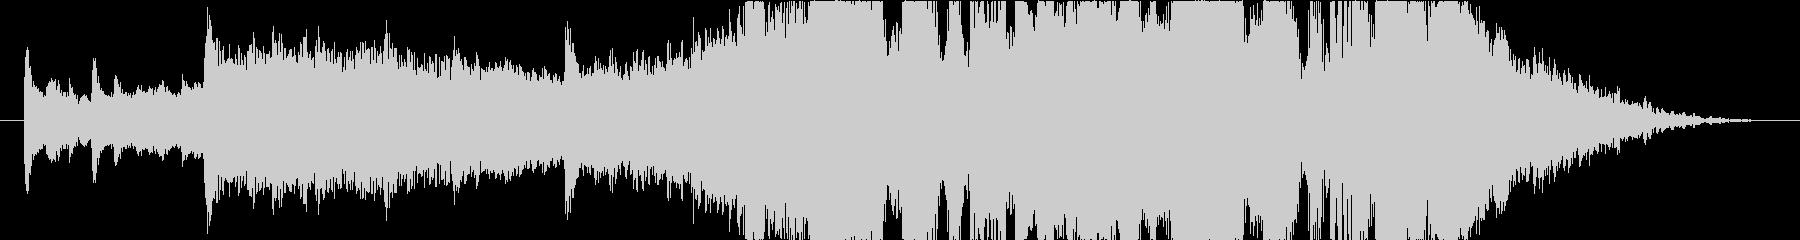 無機質でクールな15秒BGMの未再生の波形